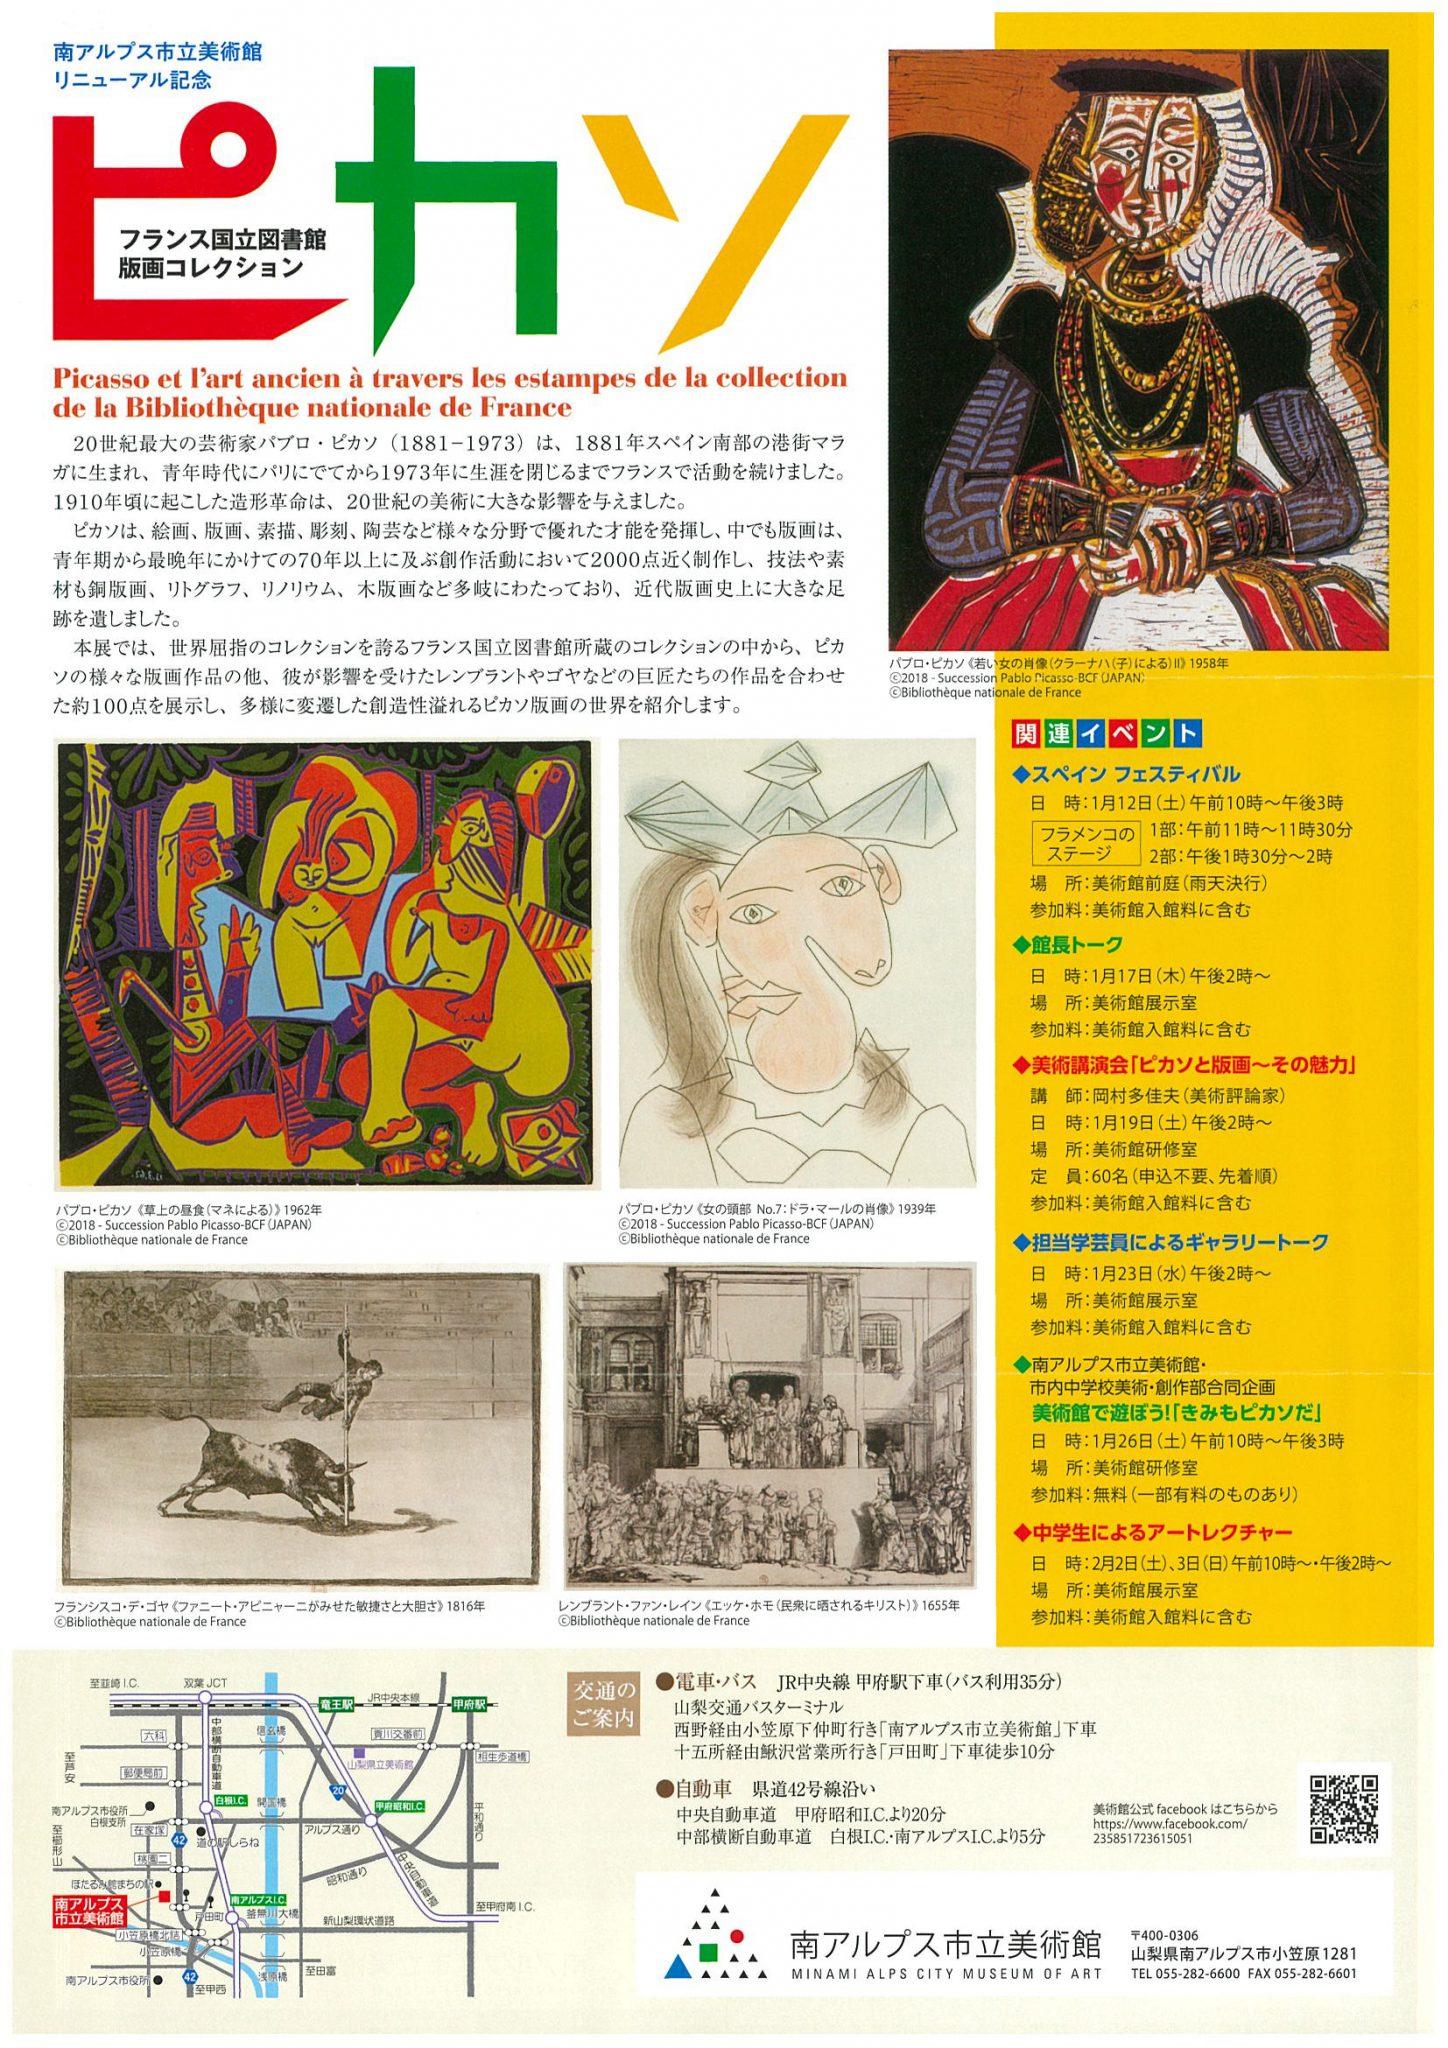 フランス国立図書館版画コレクションピカソ 南アルプス市 イベント 2